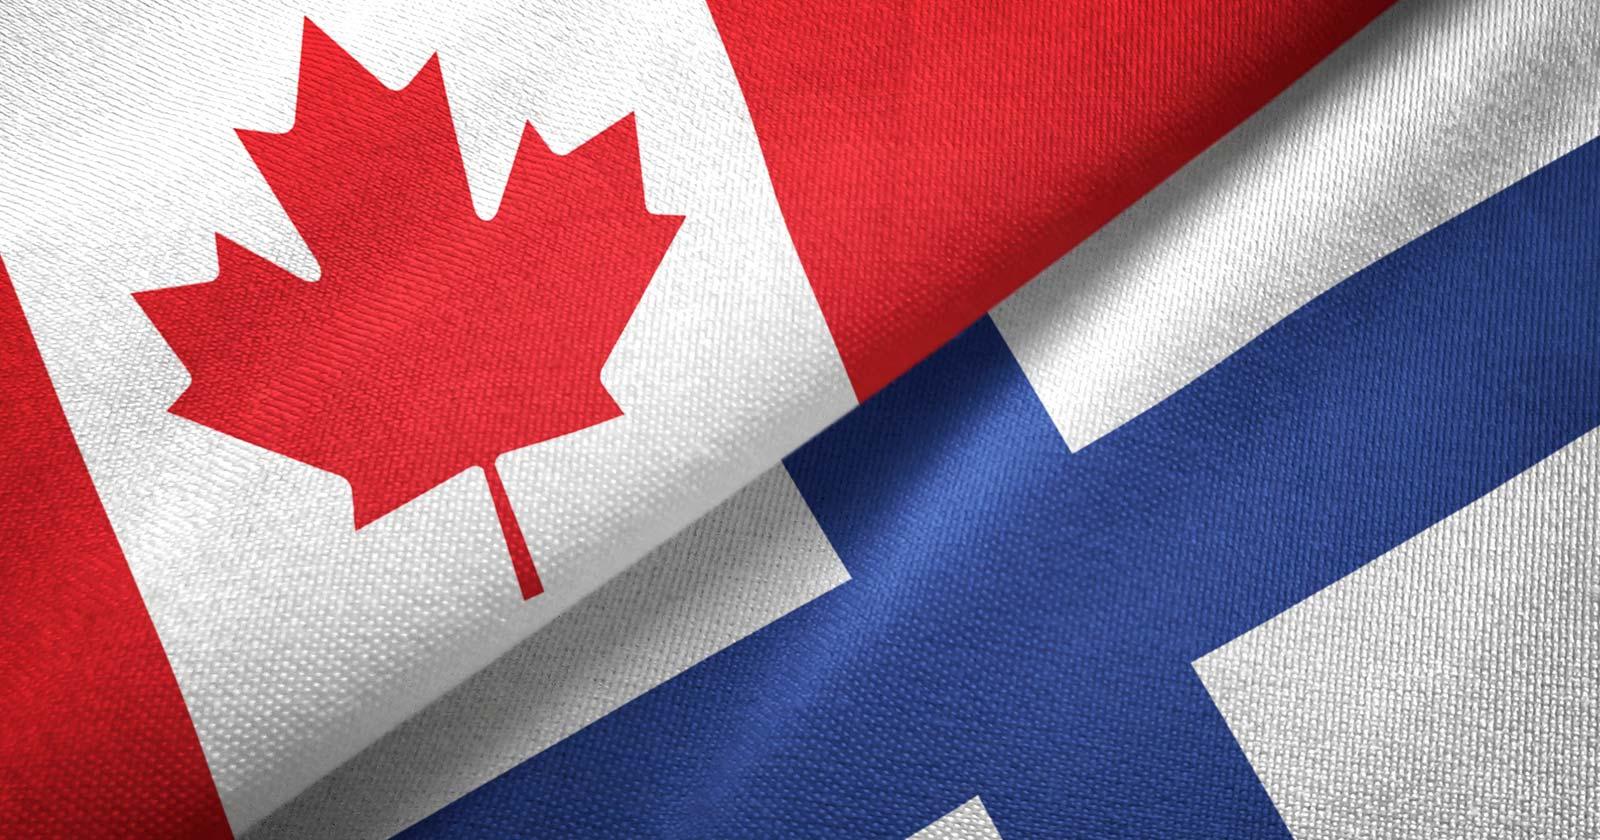 Kanadan Ja Suomen Lippu